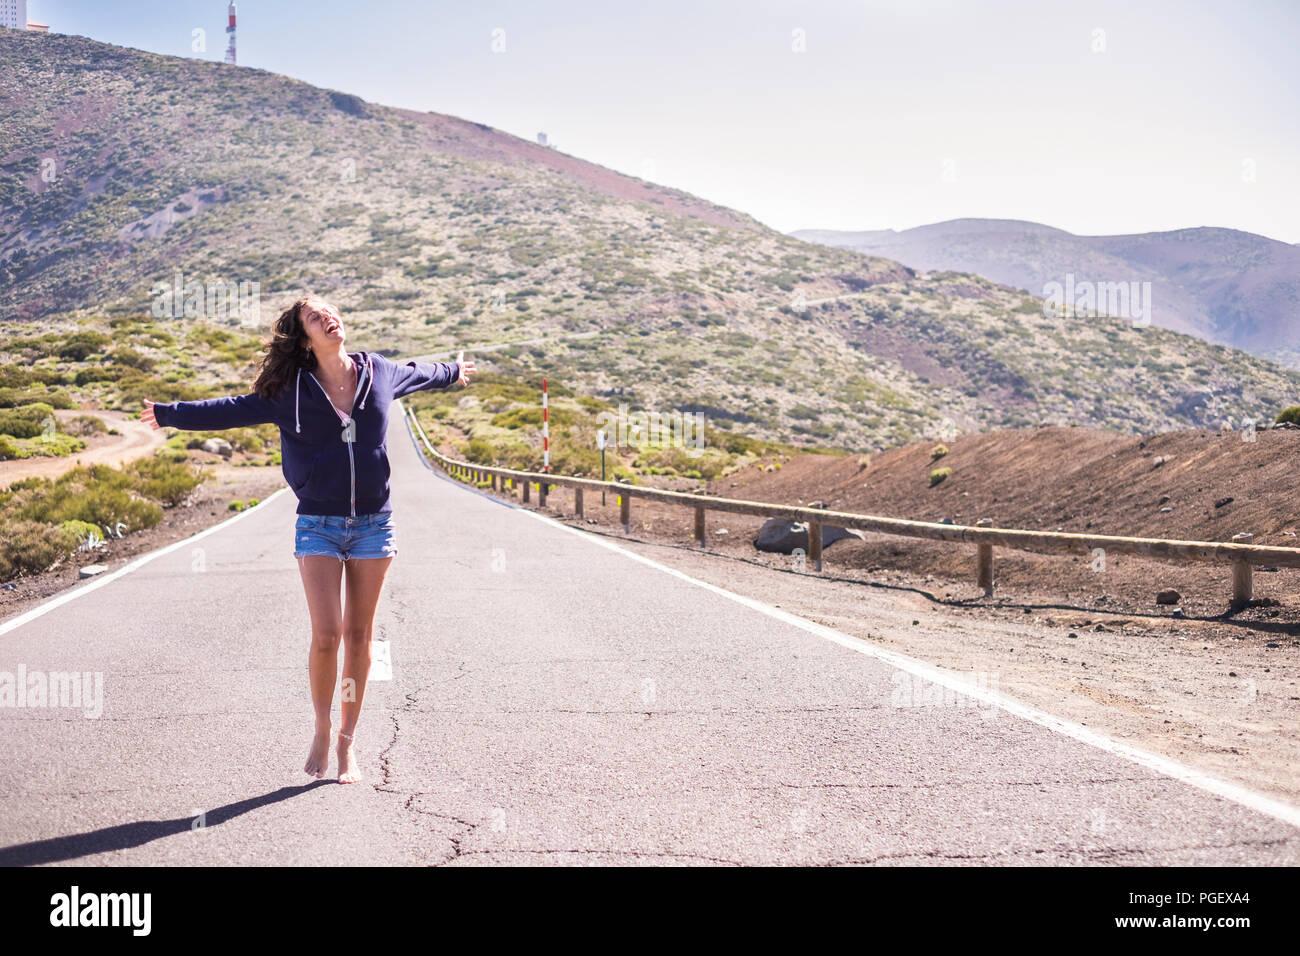 Belle jeune femme marcher pieds nus sur un long chemin Road à la montagne. le bonheur et joyeux concept pour modèle caucasien avec de belles jambes et des courts-circuits. Photo Stock